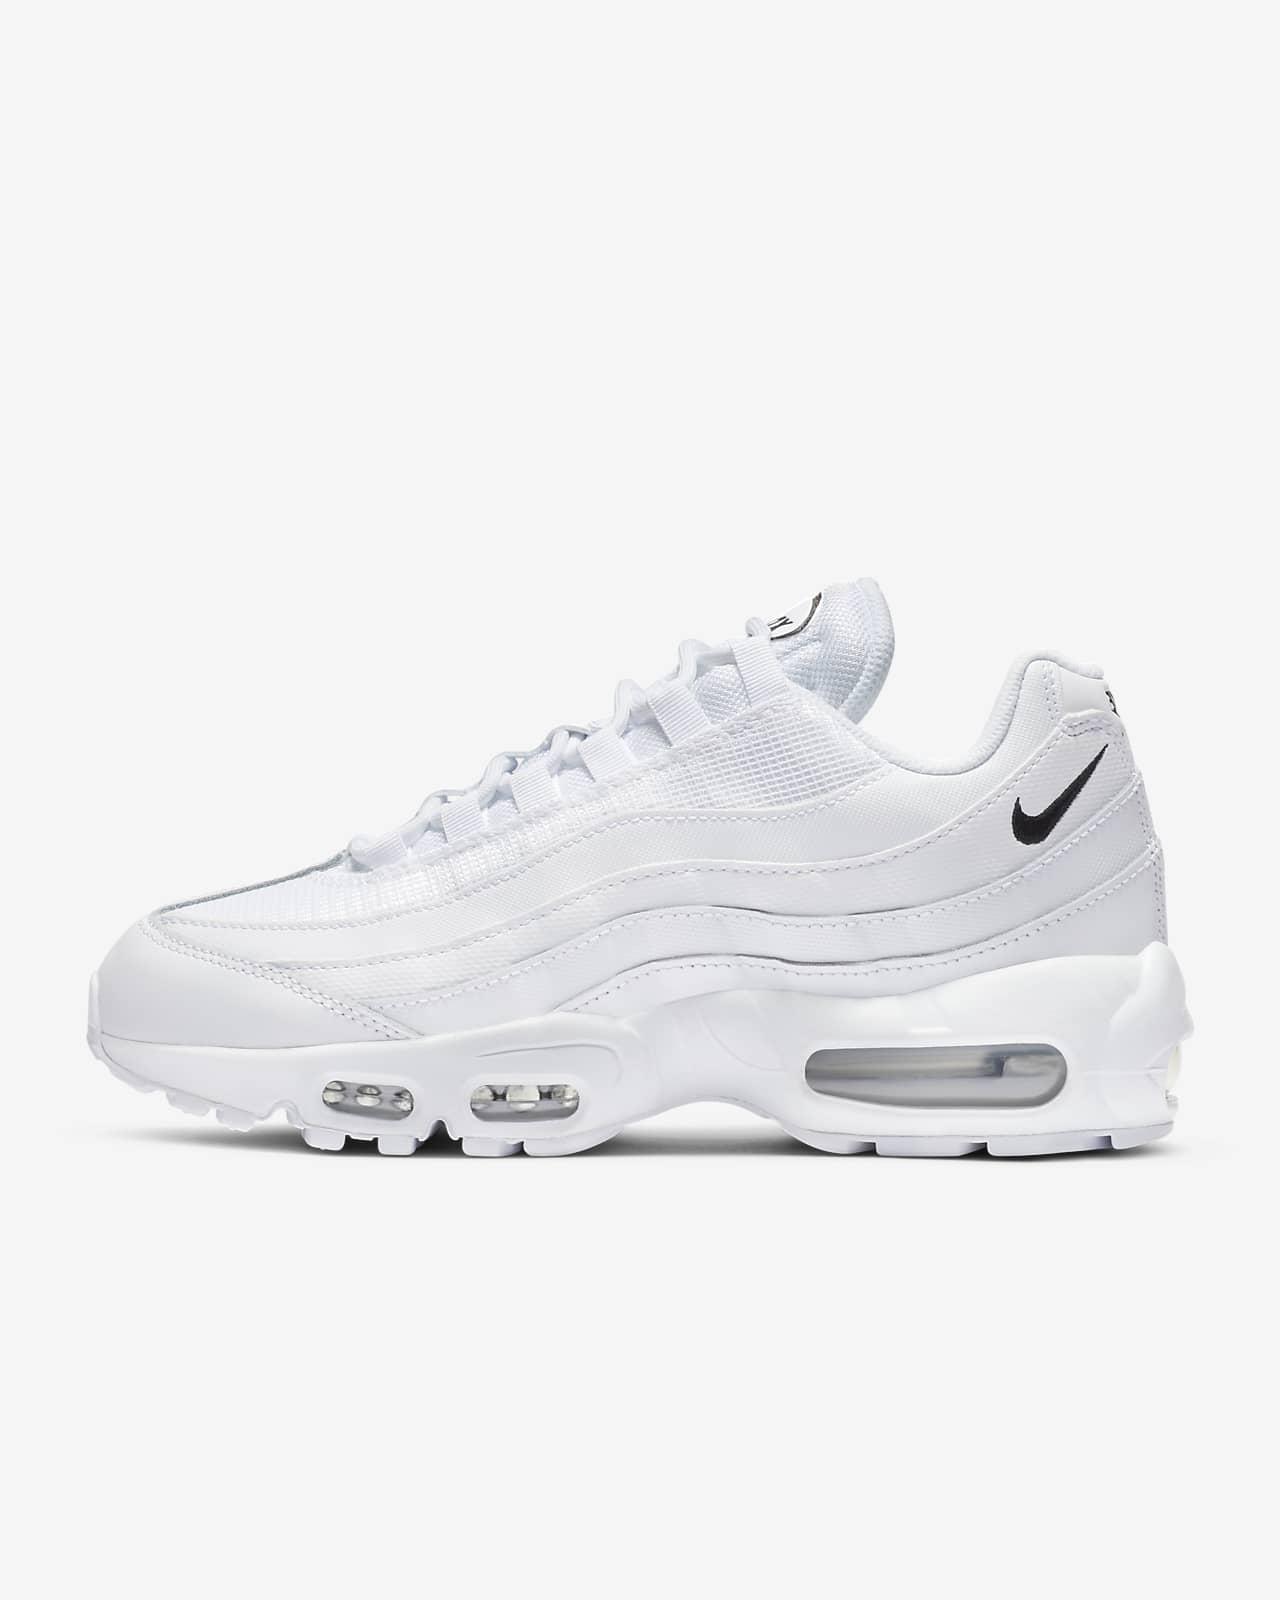 Chaussure Nike Air Max 95 Essential pour Femme. Nike LU